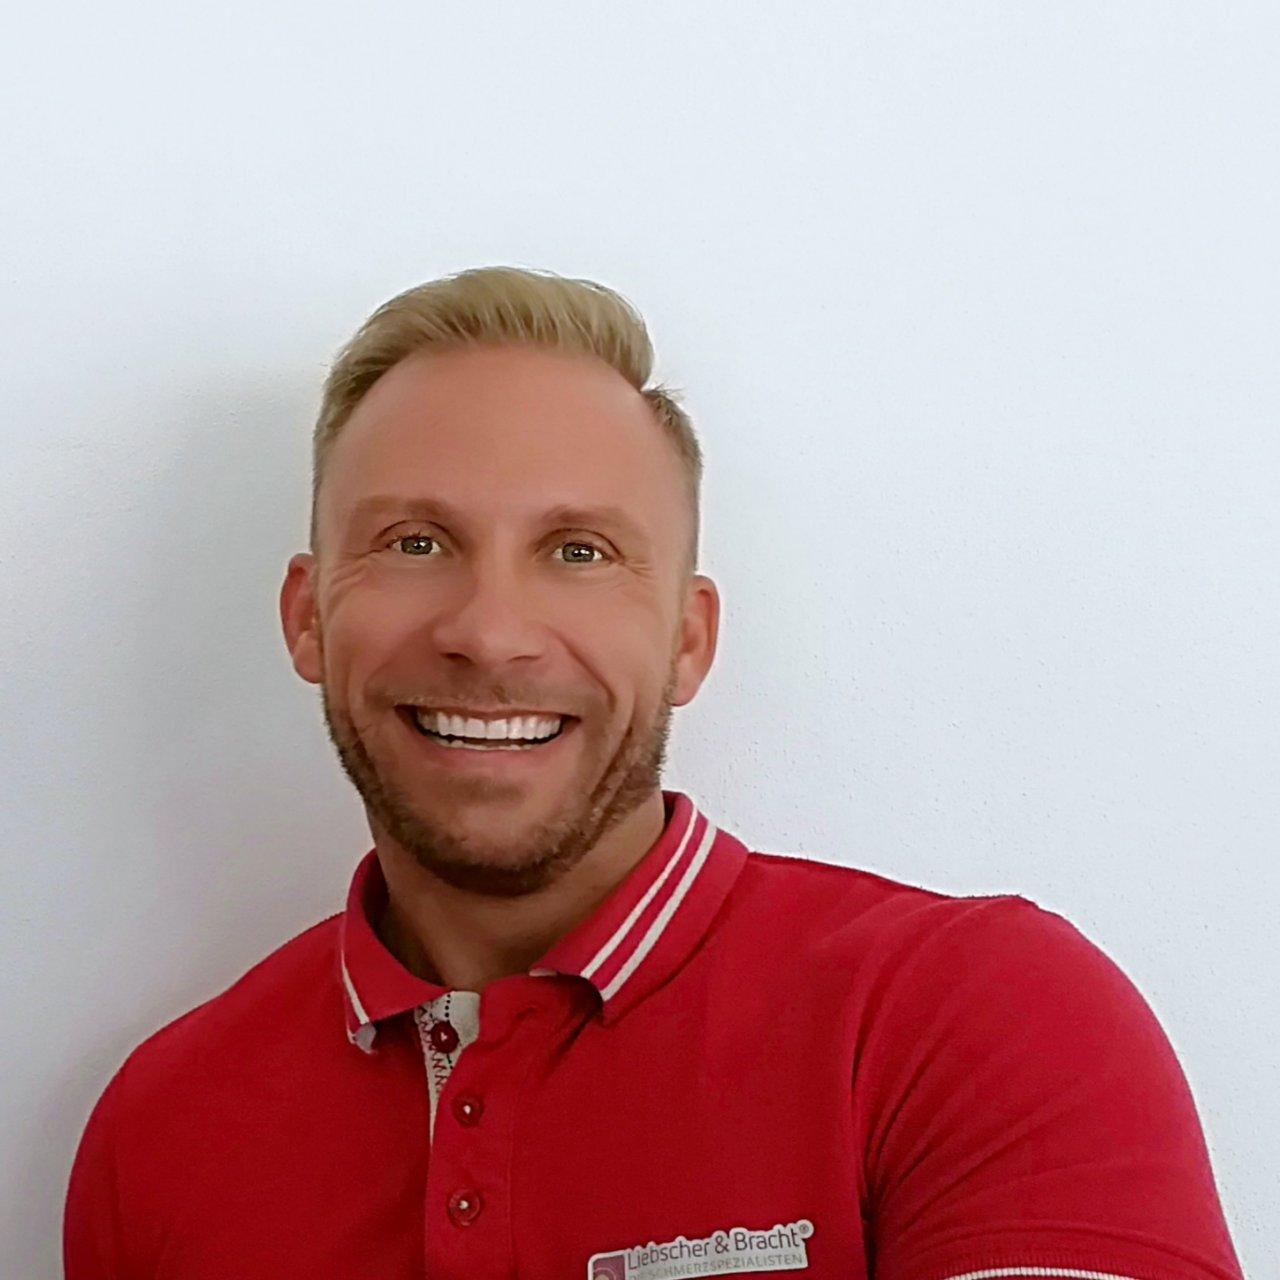 Das Foto zeigt den Physiotherapeuten Daniel Nenz. Er hat kurze blonde Haare und trägt ein weißes Polo T-Shirt.